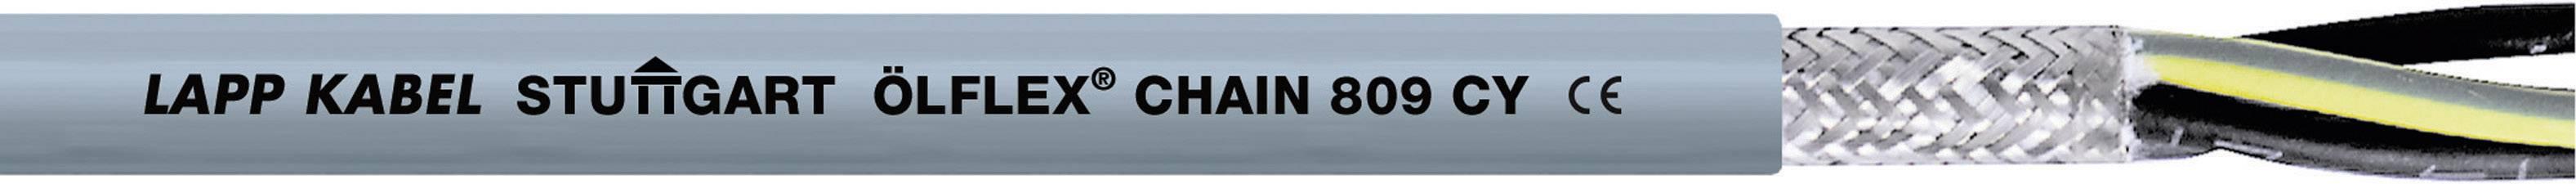 Žíla kabelu LappKabel ÖLFLEX CHAIN 809 CY 7G1,5 (1026779), 7x 1,5 mm², PVC, Ø 10,9 mm, stíněný, 50 m, šedá